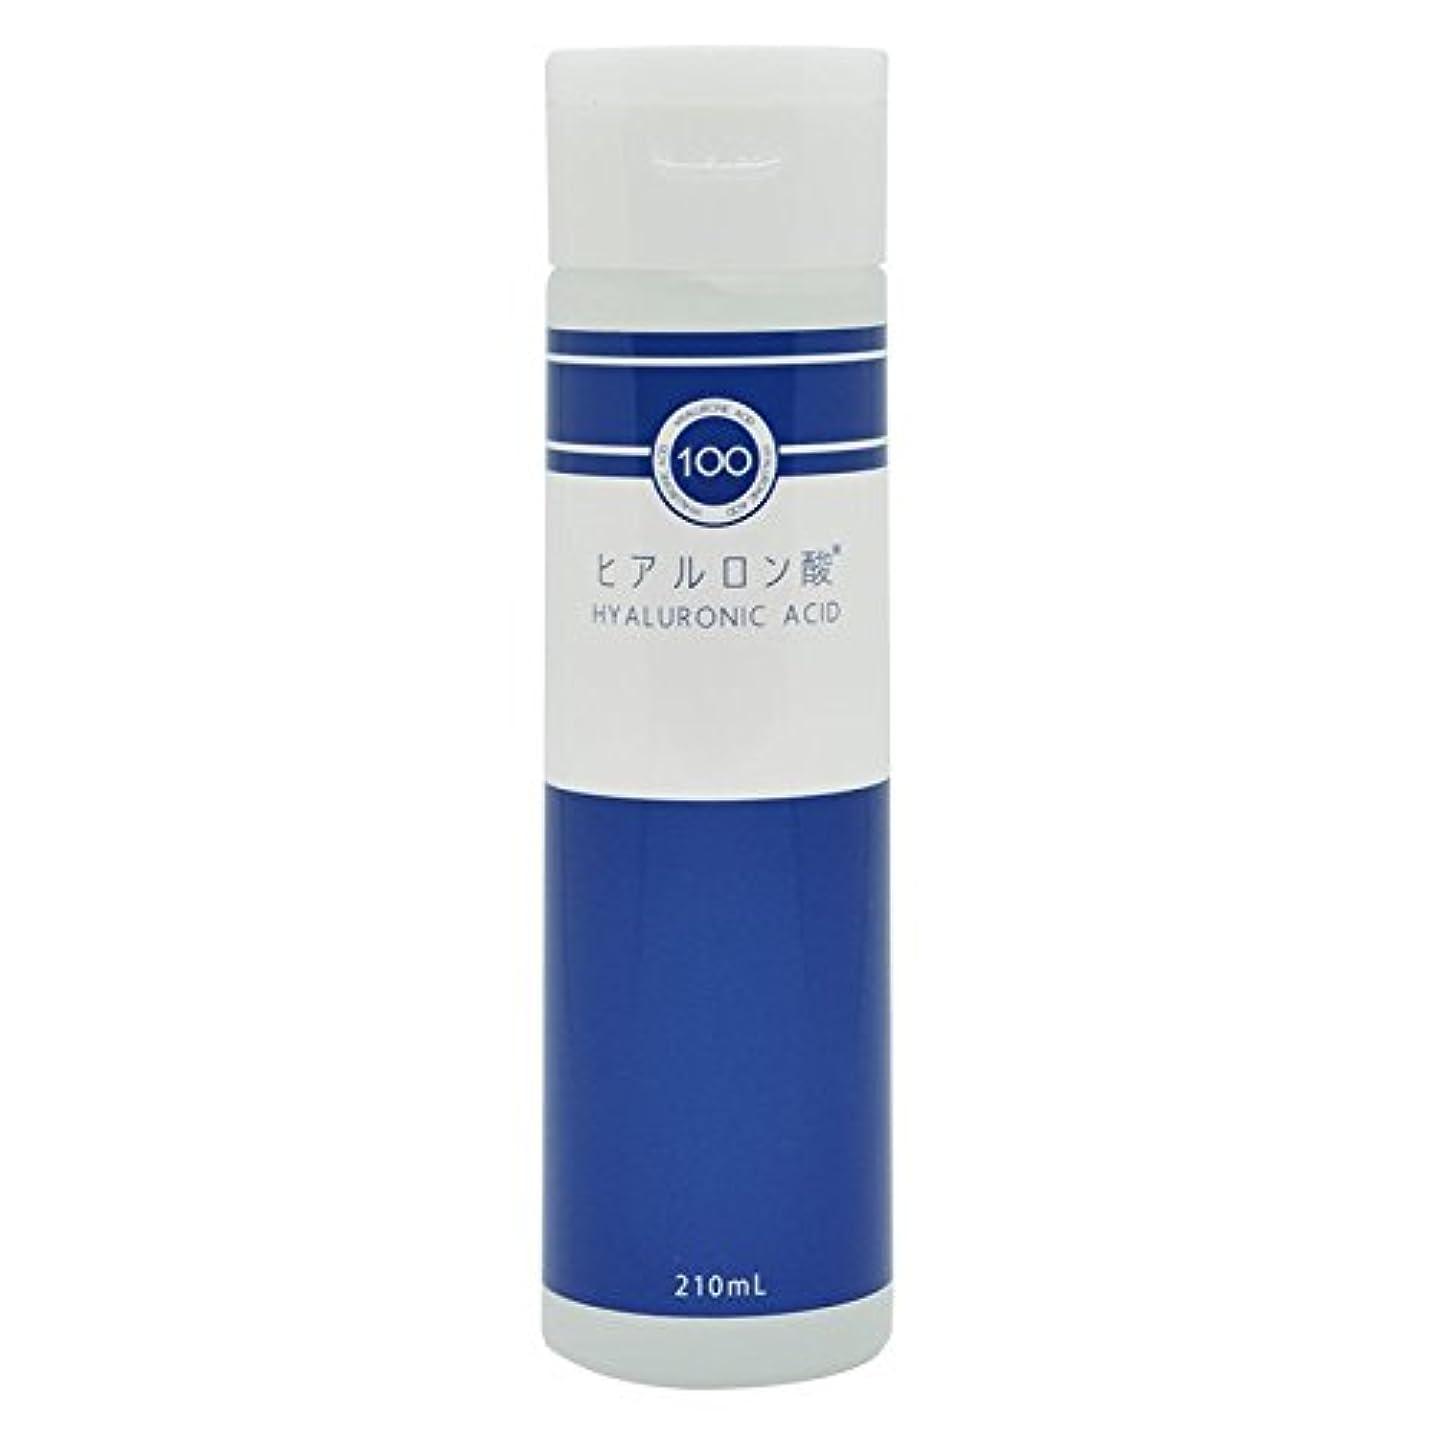 少数またねキャンペーン日本製 高濃度ヒアルロン酸原液100% たっぷり 210ml 化粧水やシャンプーに混ぜて